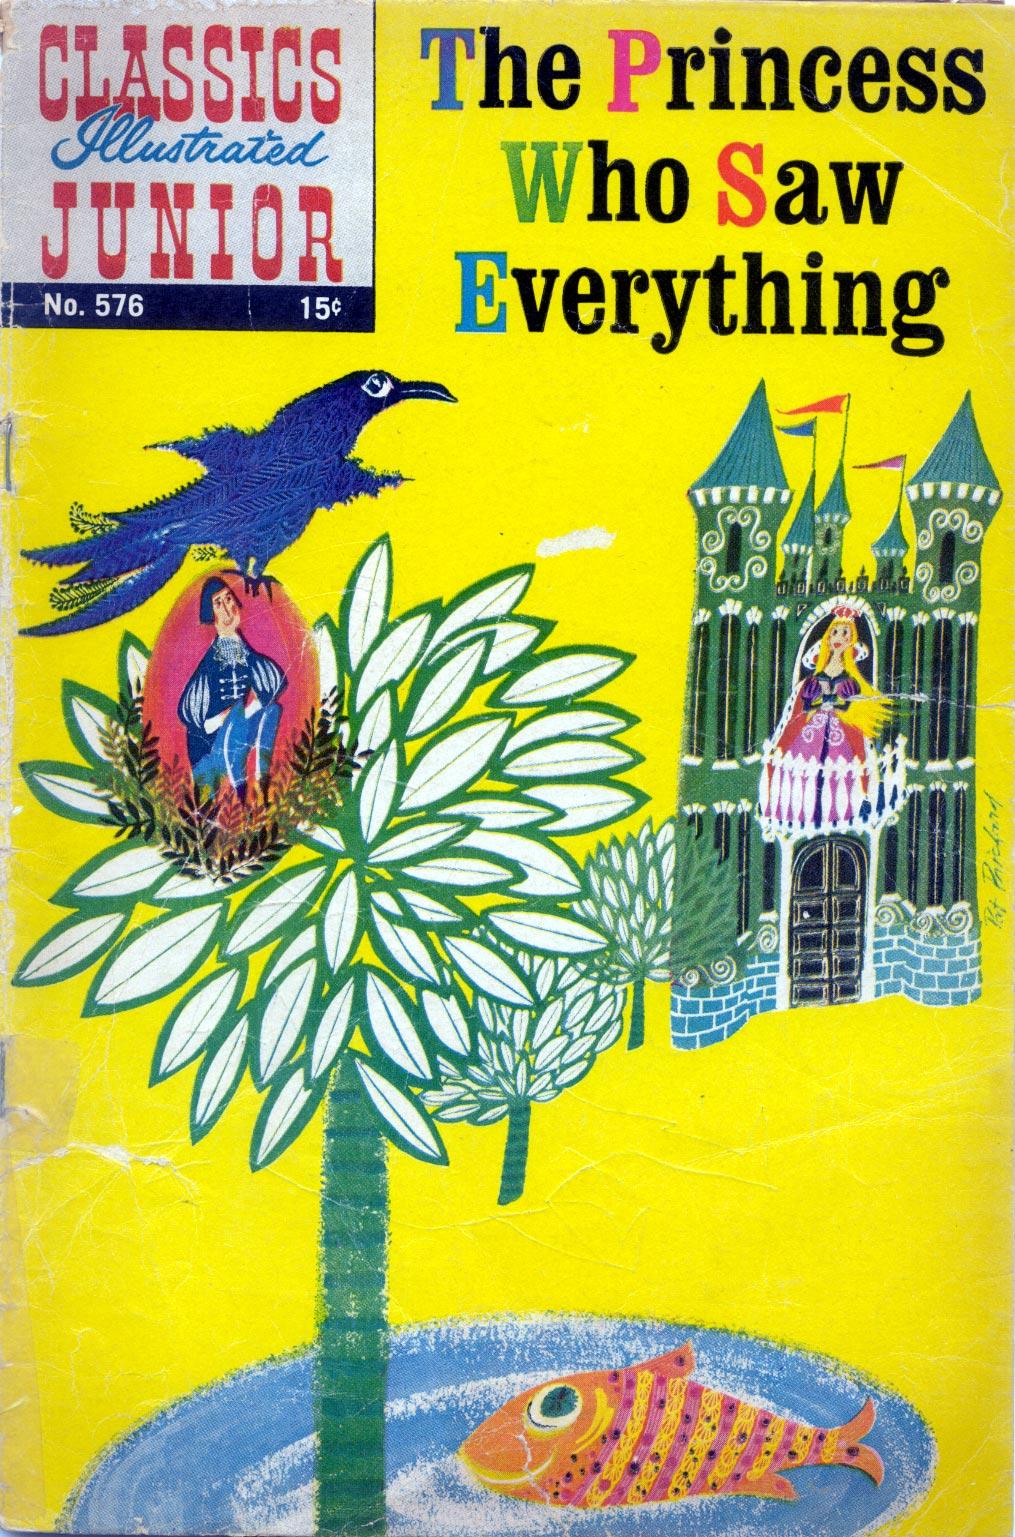 Classics Illustrated Junior 576 Page 1